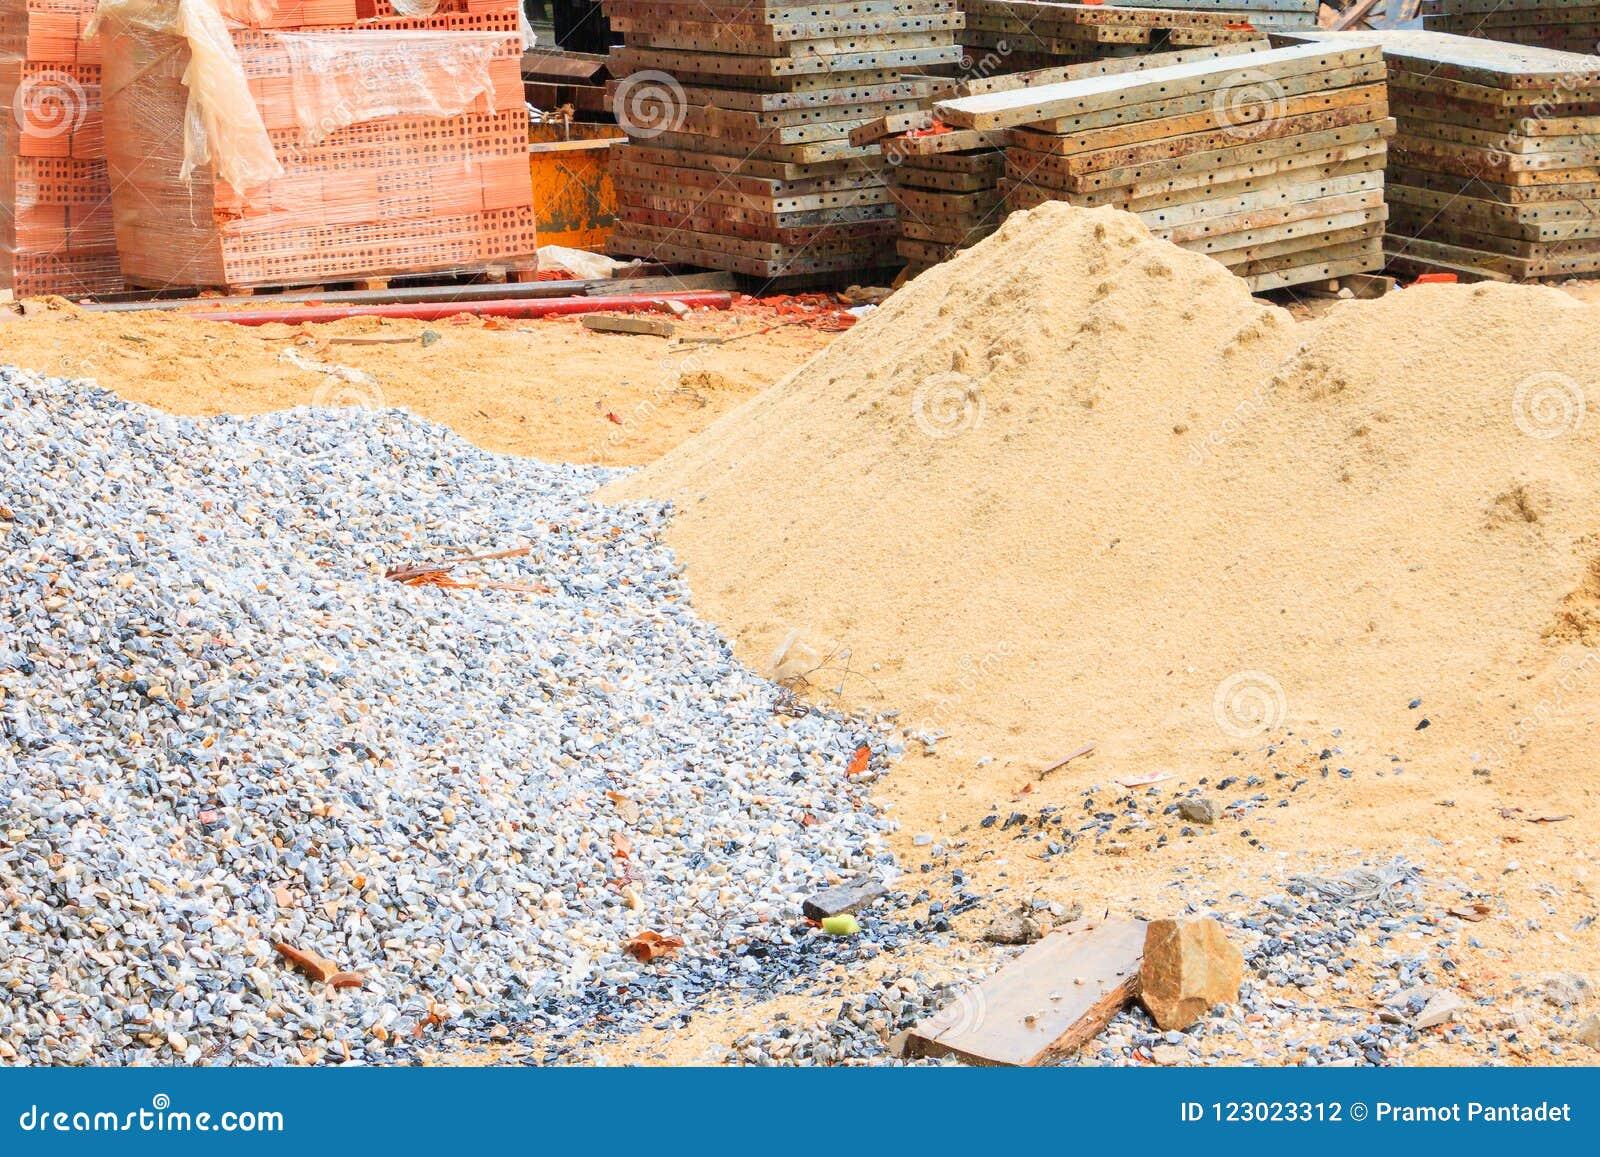 Zand en steende staalplaatstapel in bouwnijverheidshuis vernieuwt